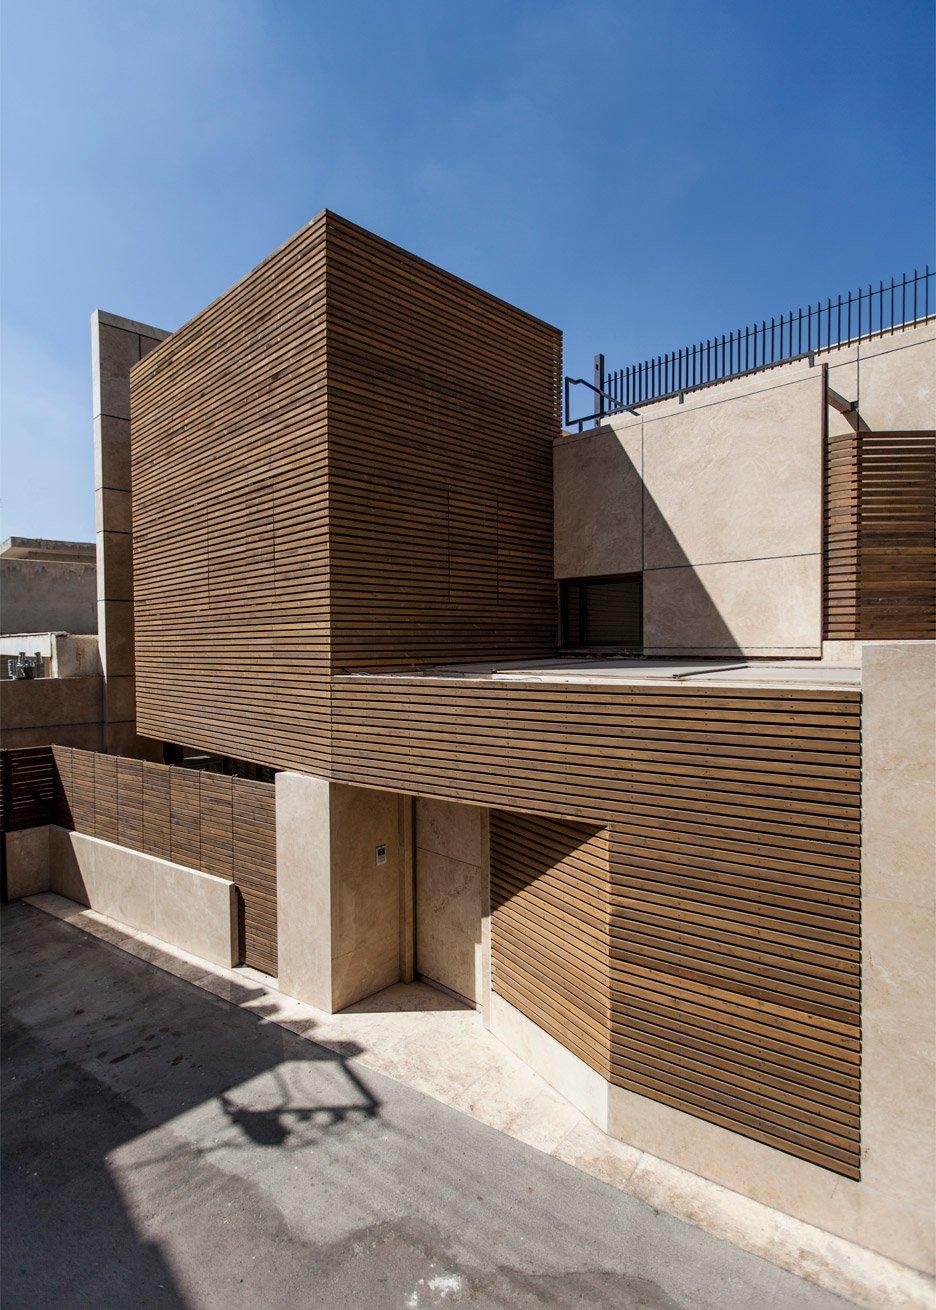 edificio teheran con facciata in legno e travertino